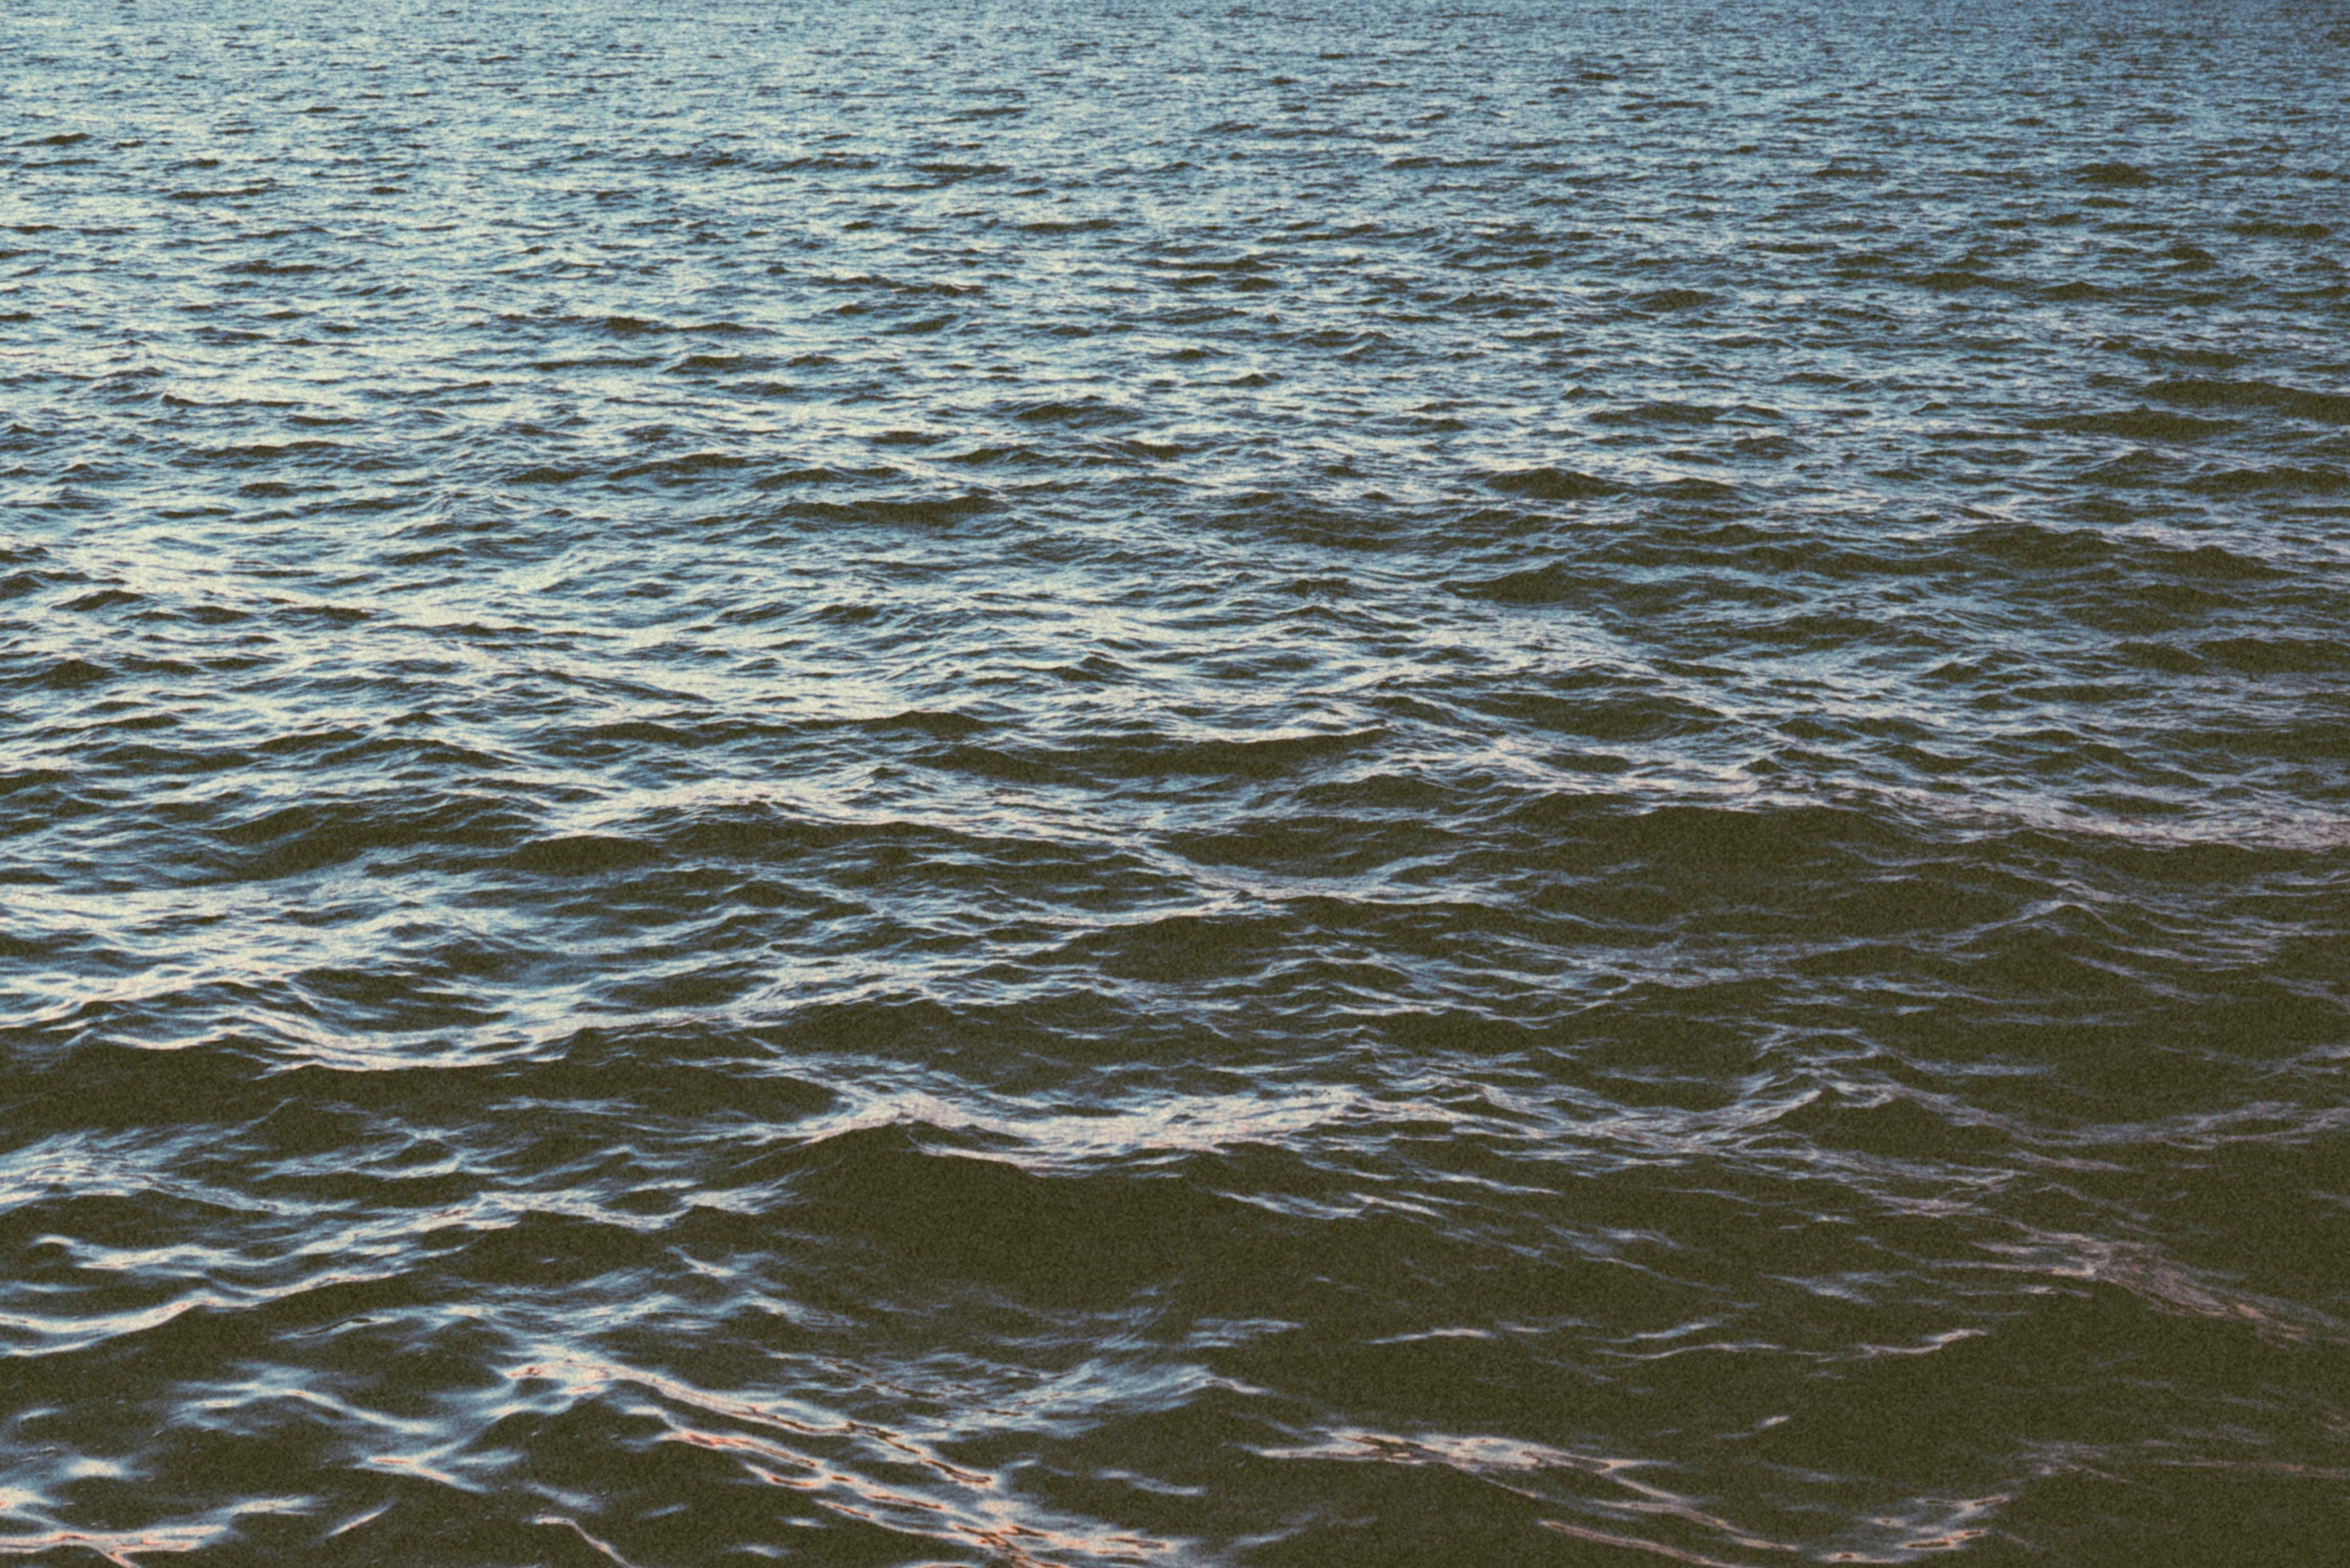 H2O, 反射, 地球表面, 招手 的 免費圖庫相片